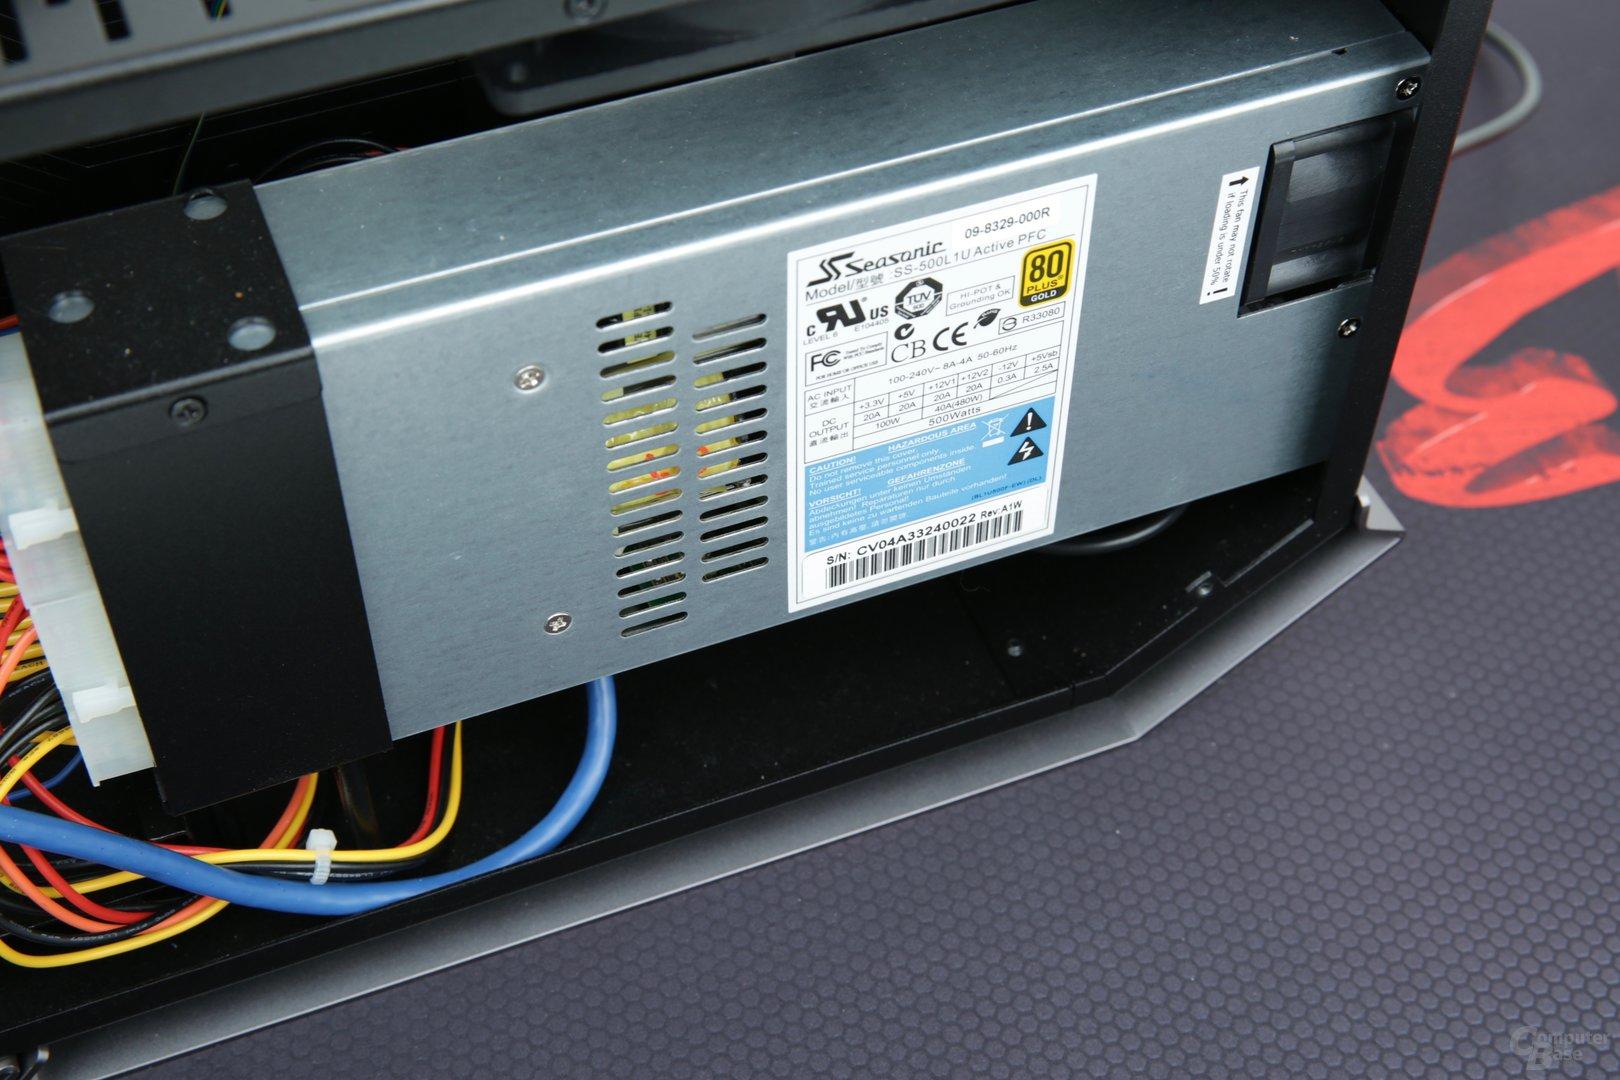 Das Netzteil mit Höhe 1U bietet 500 Watt